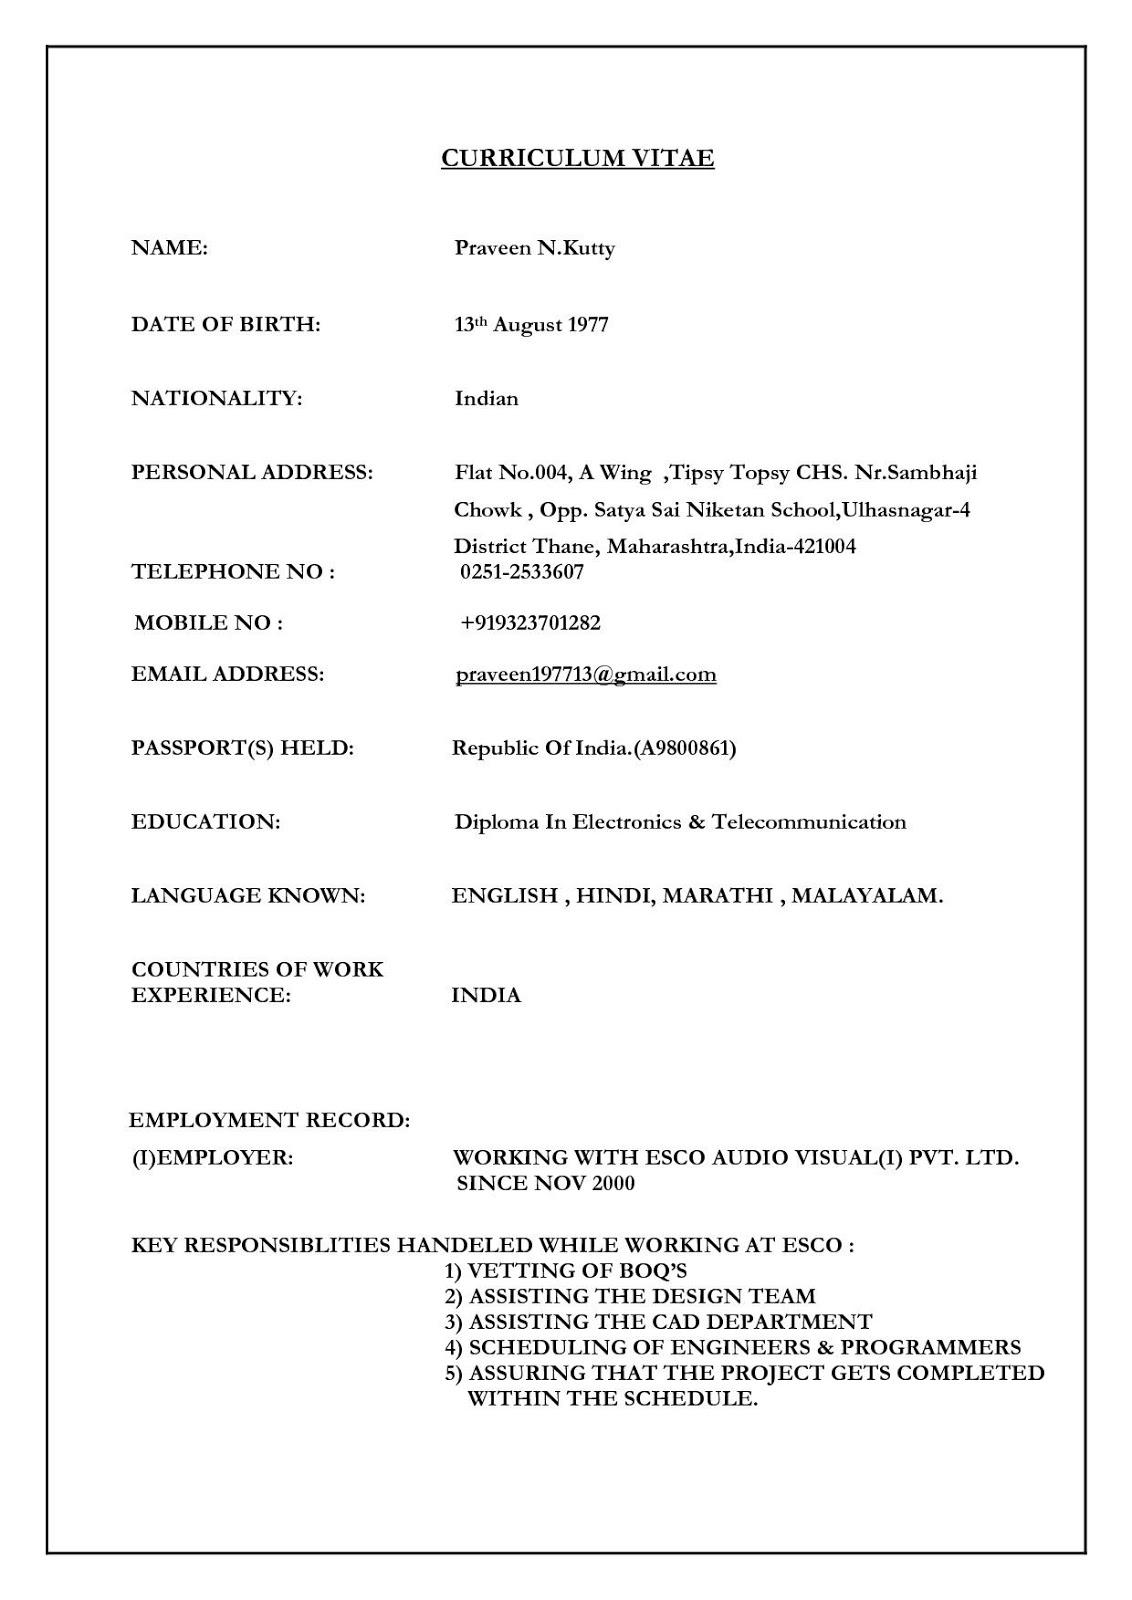 hindu marriage biodata format in word hindu marriage biodata format in word download 2019 hindu marriage biodata format in ms word 2020 hindu marriage biodata format word file hindu marriage biodata format download